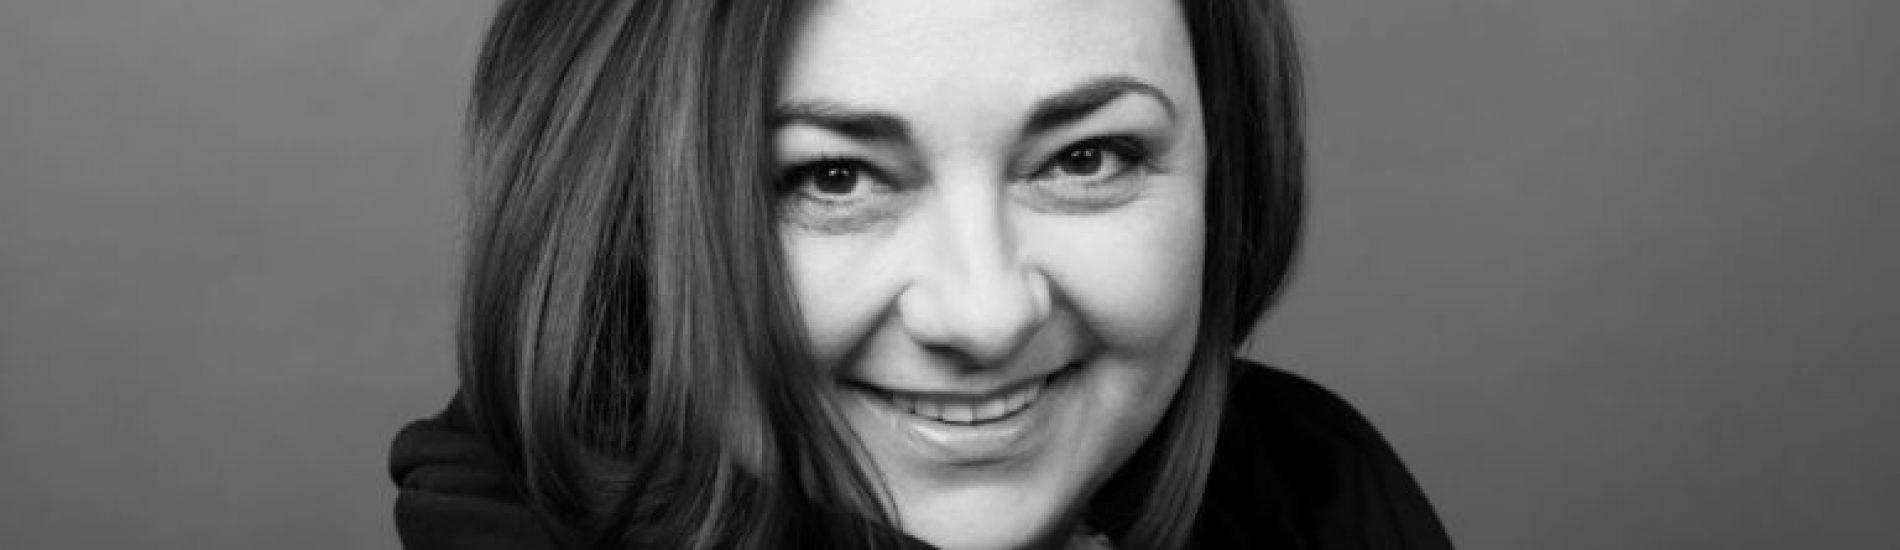 Kończy się piąteczek – rozmowa z Zuzanną Skalską